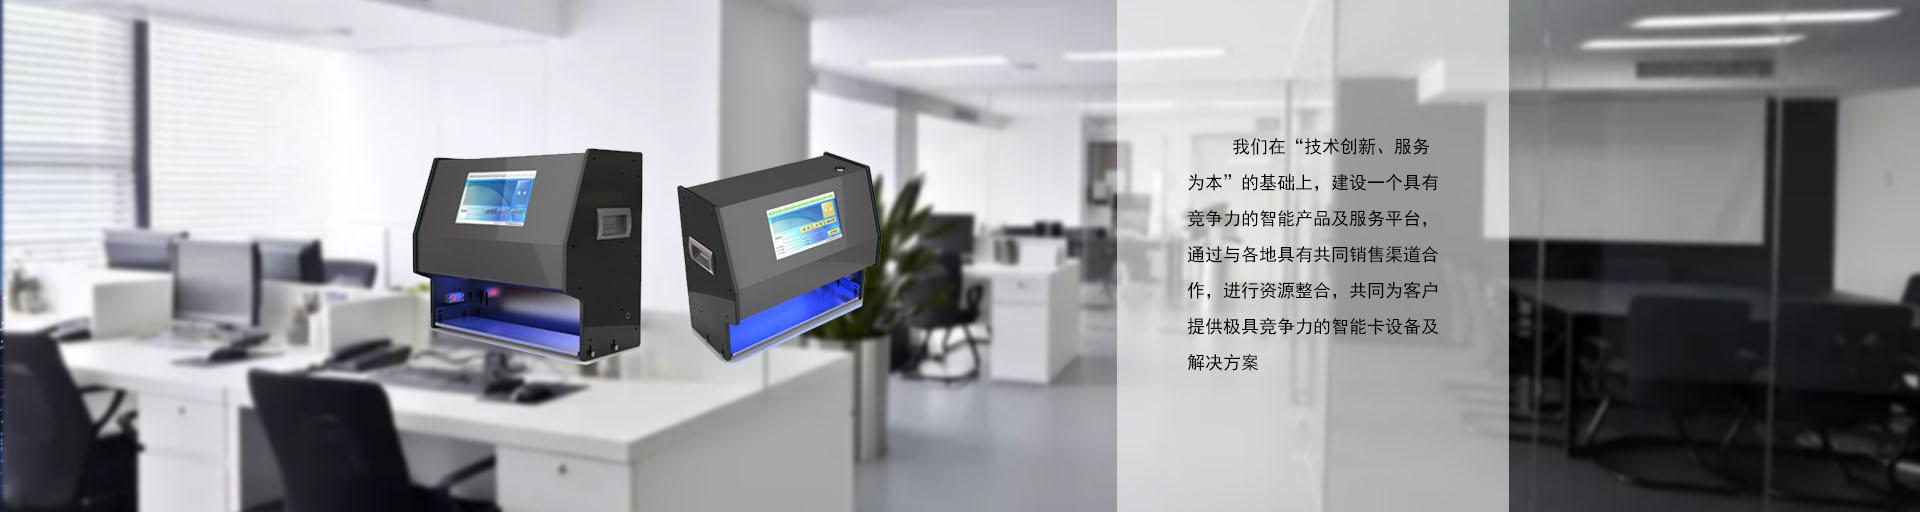 重庆身份证验证机